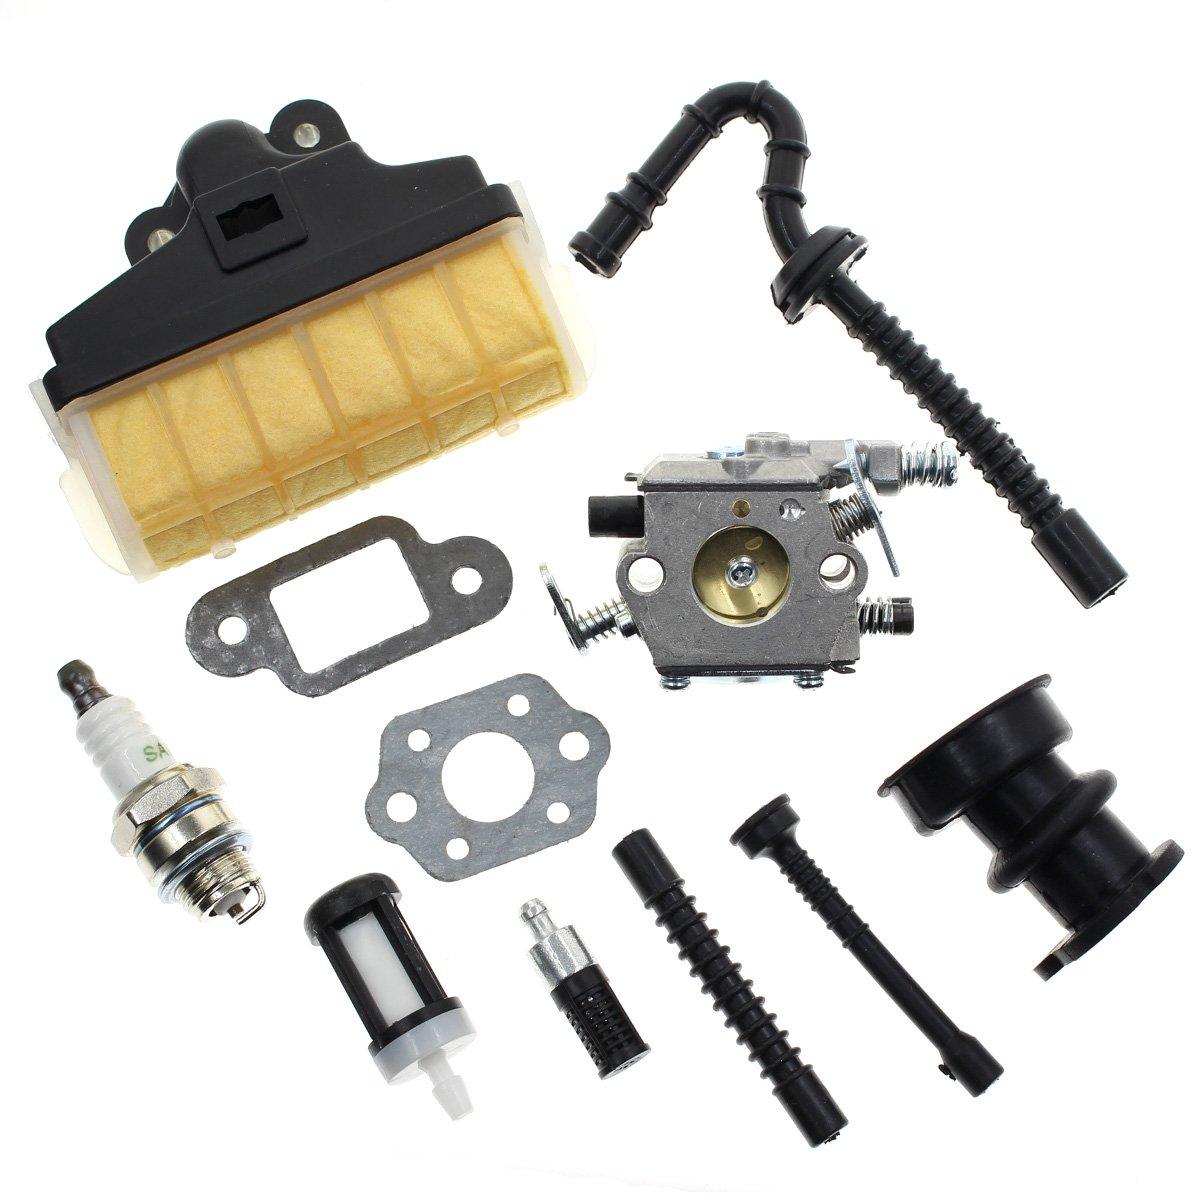 Carbhub Carburetor for Stihl MS210 MS230 MS250 021 023 025 Chainsaw Carb by Carbhub